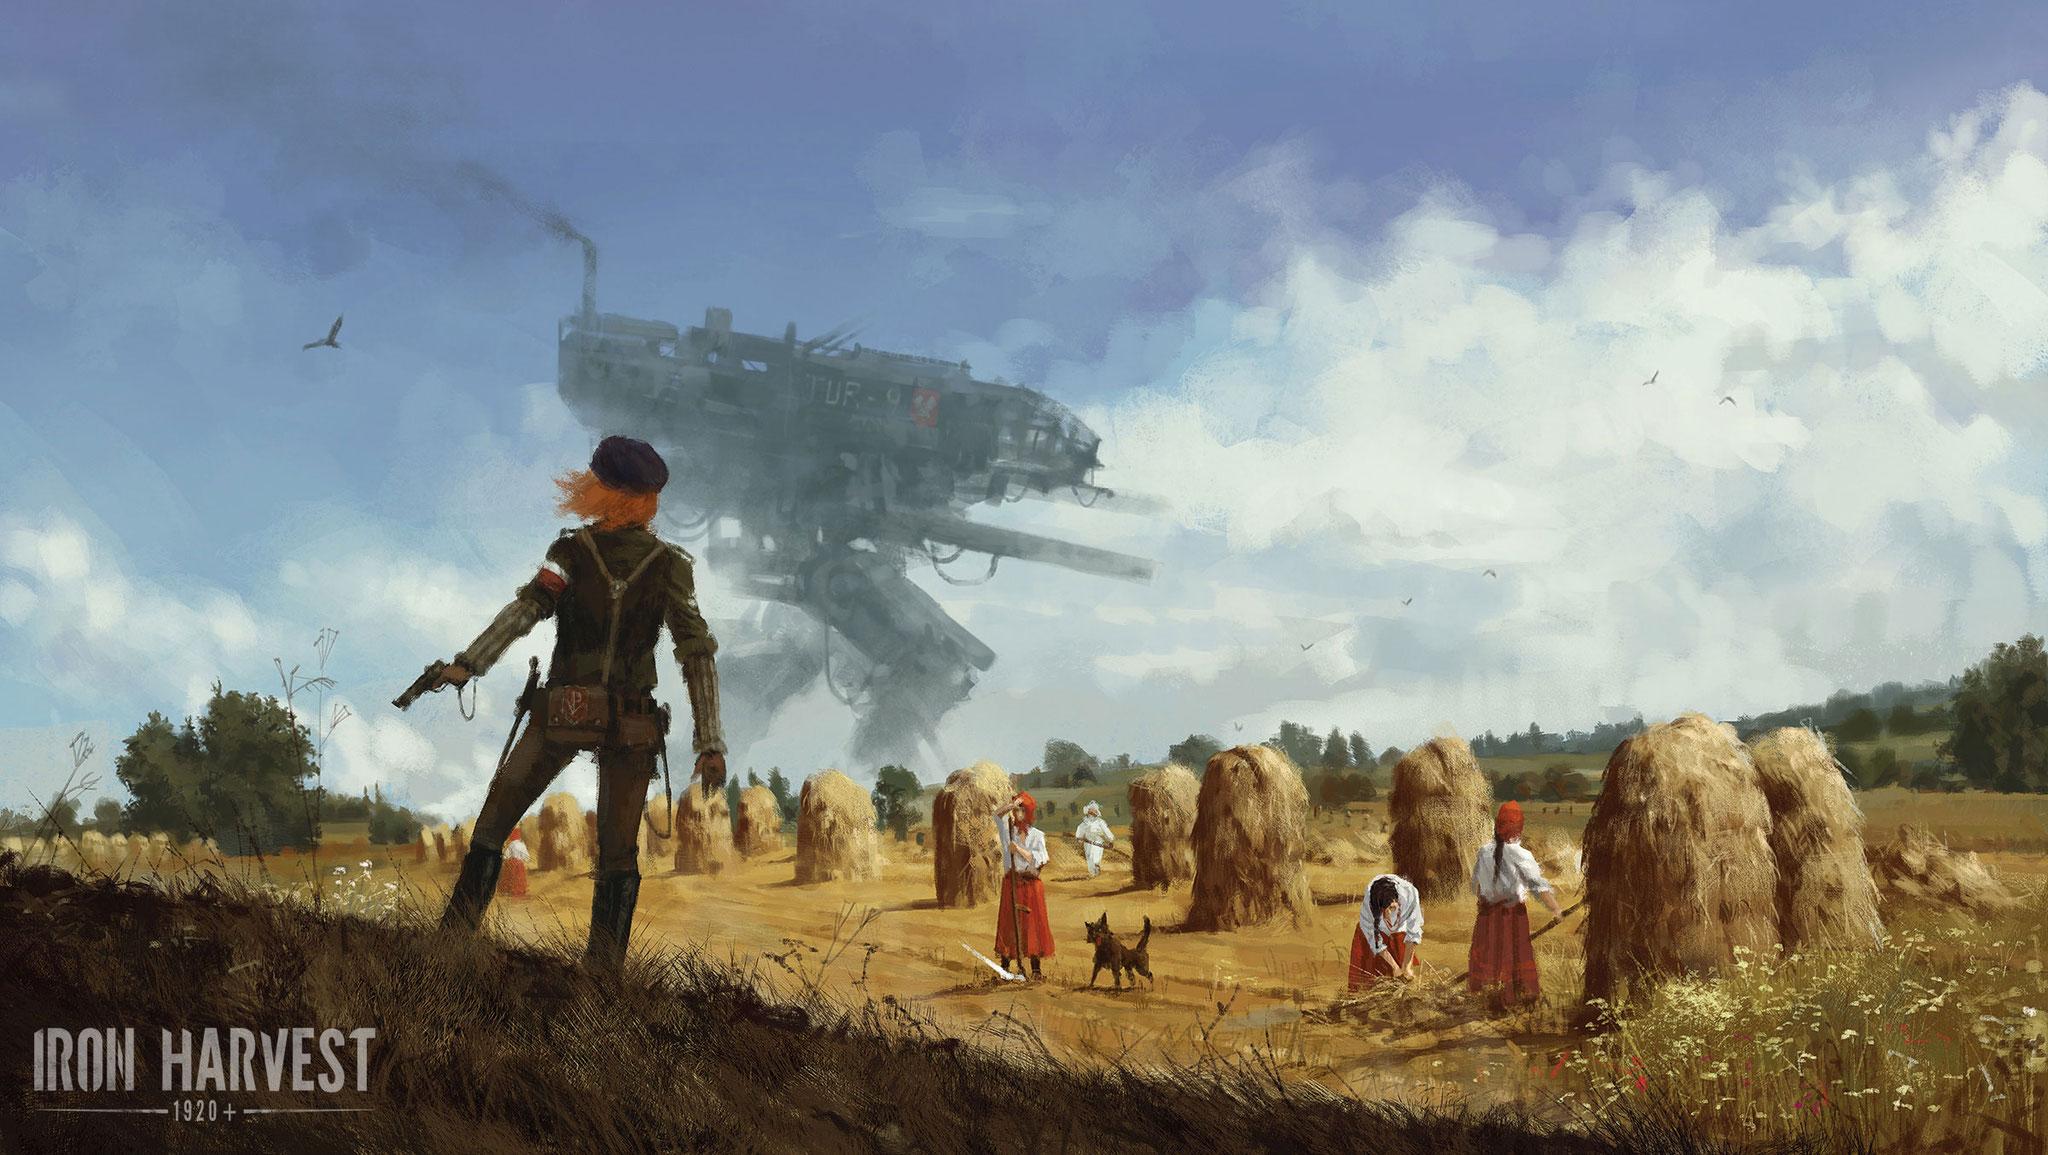 """King Arts' """"Iron Harvest"""" soll das scheintote Echtzeit-Strategie-Genre wiederbeleben. Die Maßnahmen dafür: Ein ungewöhnliches Steampunk-Szenario, das von..."""